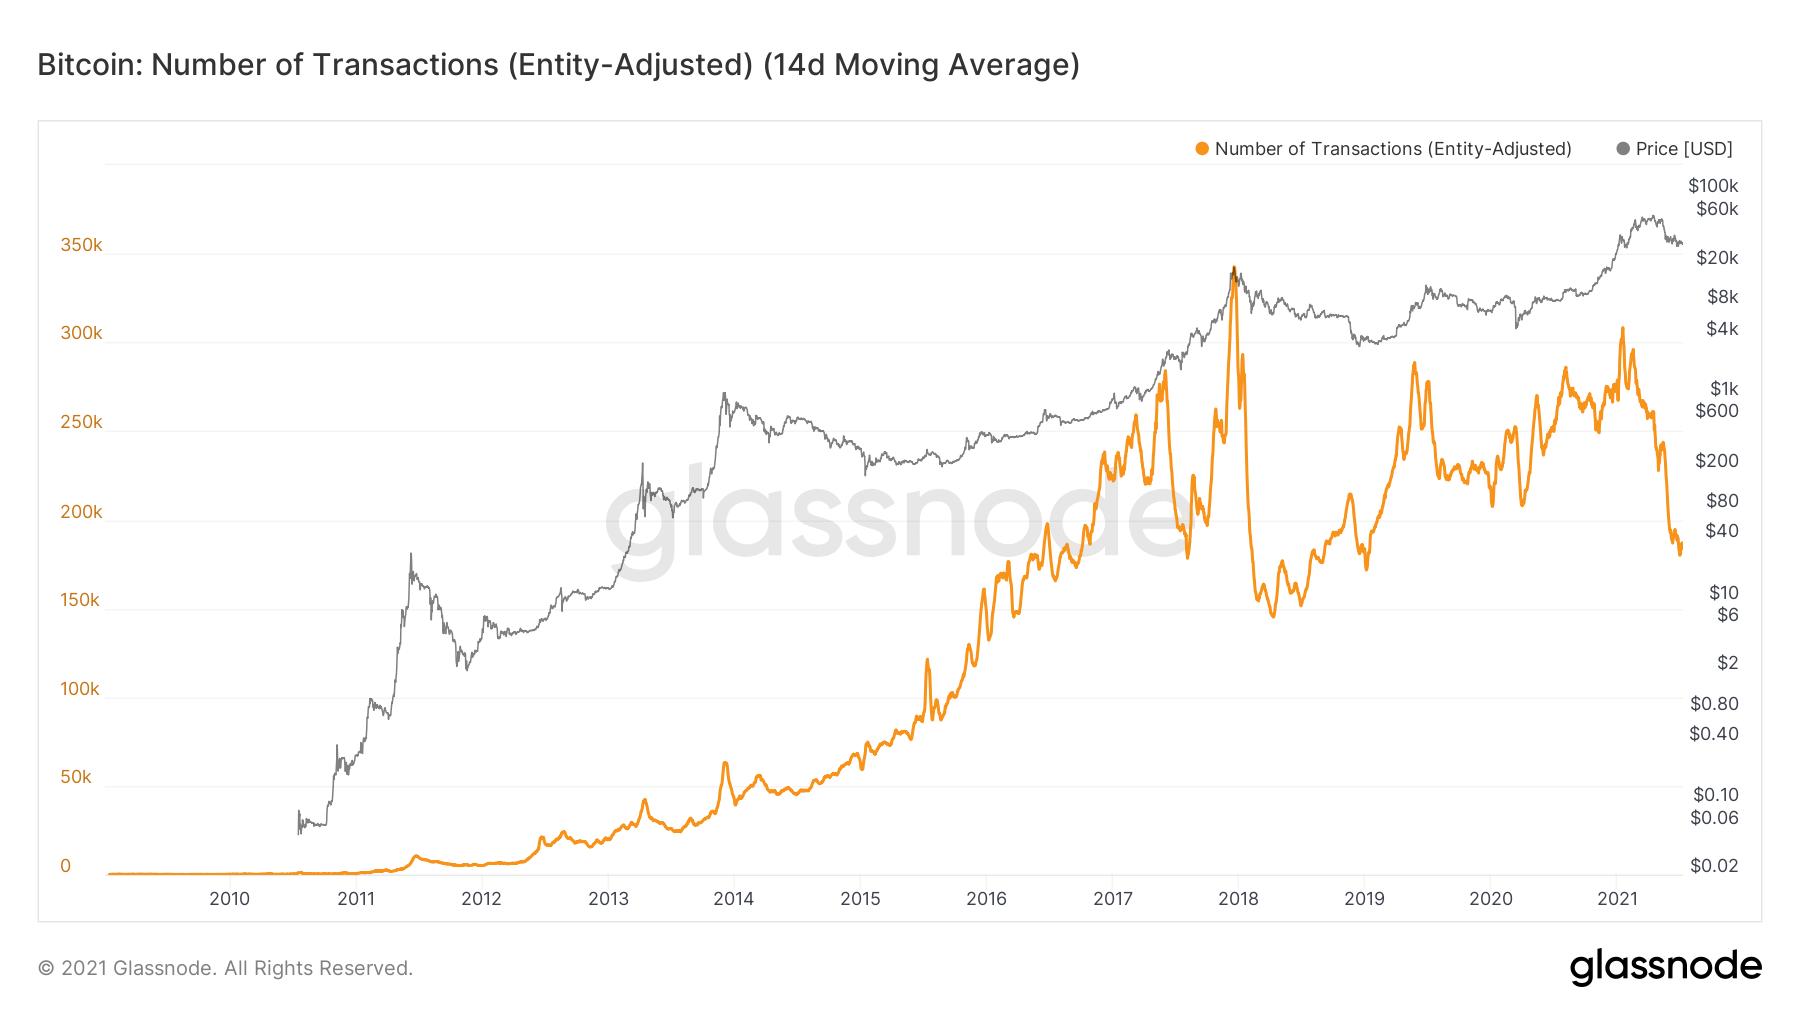 Bitcoin: numărul utilizatorilor noi - aproape de ATH. Analiștii indică activitate pozitivă a balenelor